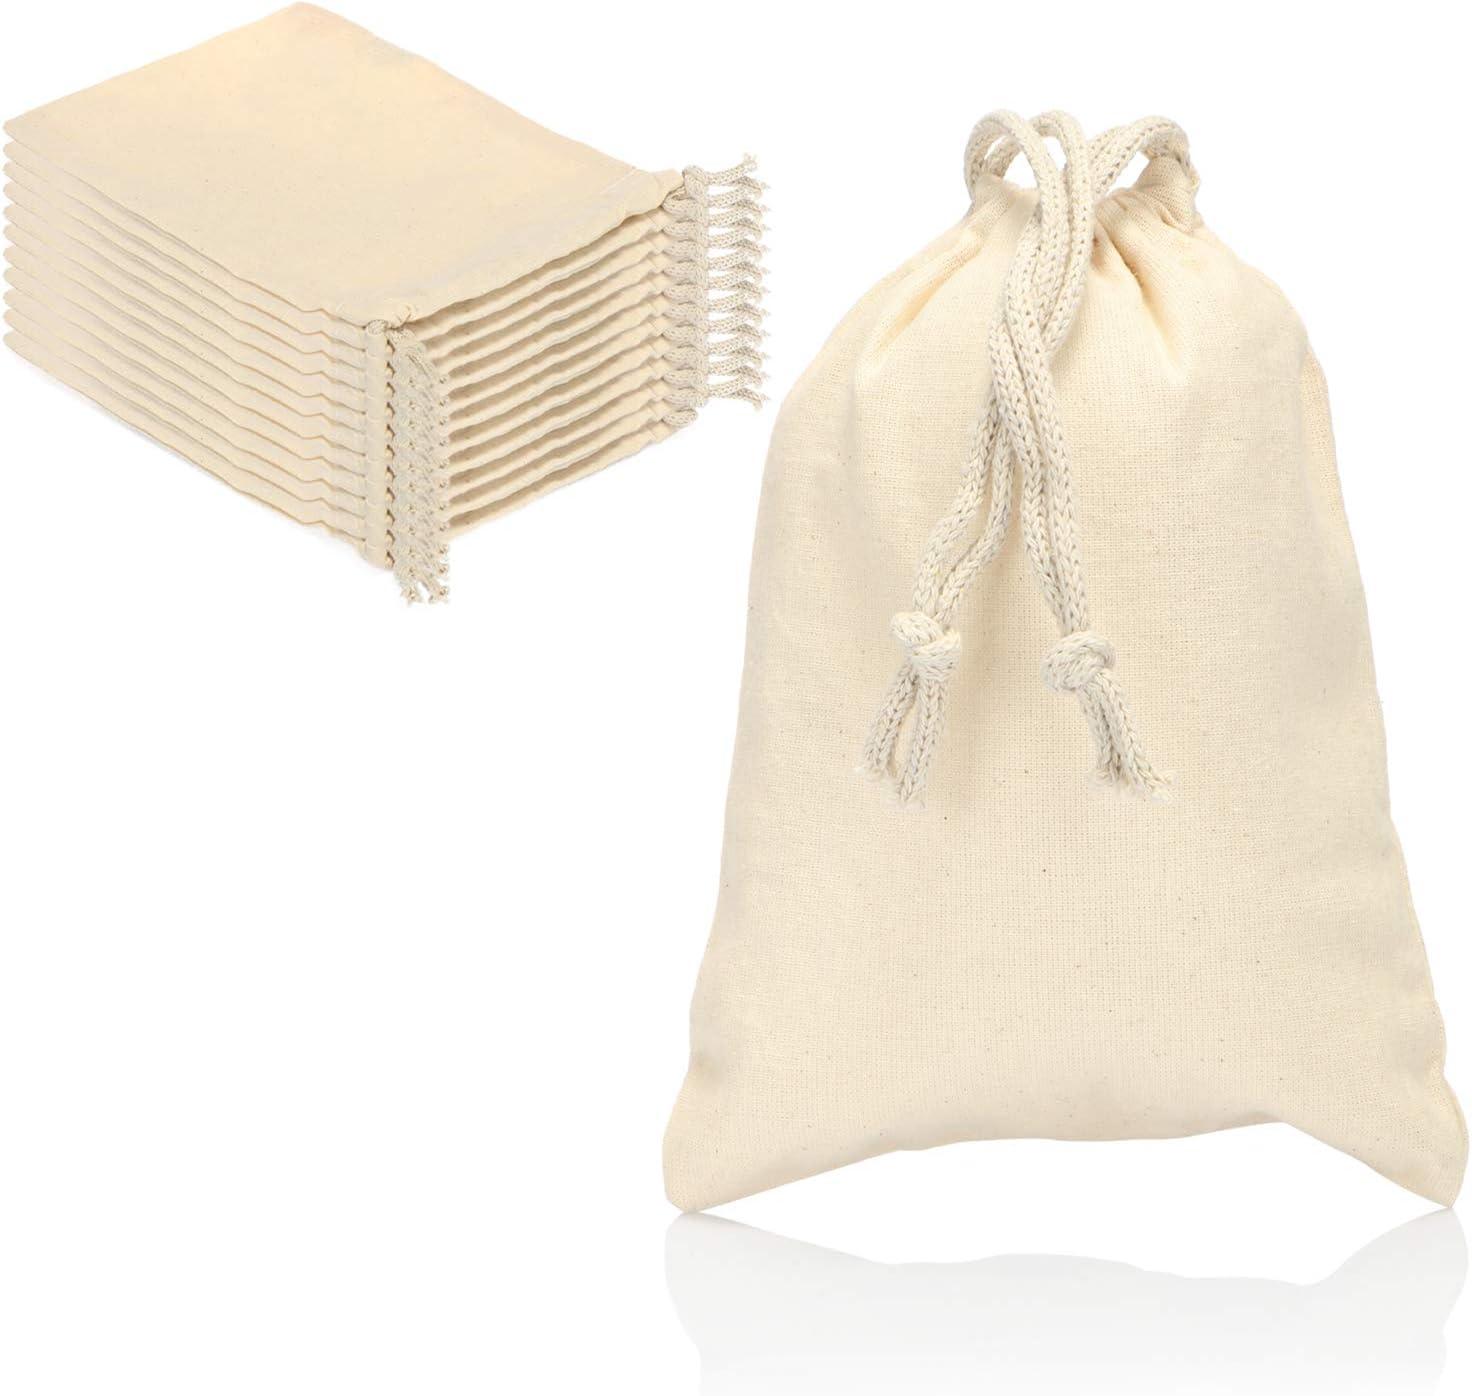 com-four® 12x Bolsa de Algodón - Bolsa de Tela Reutilizable con Cordón - Sin Impresión, Ideal para Pintar - Oeko-Tex® Standard 100 (12 Piezas - 19.5x14.5cm)